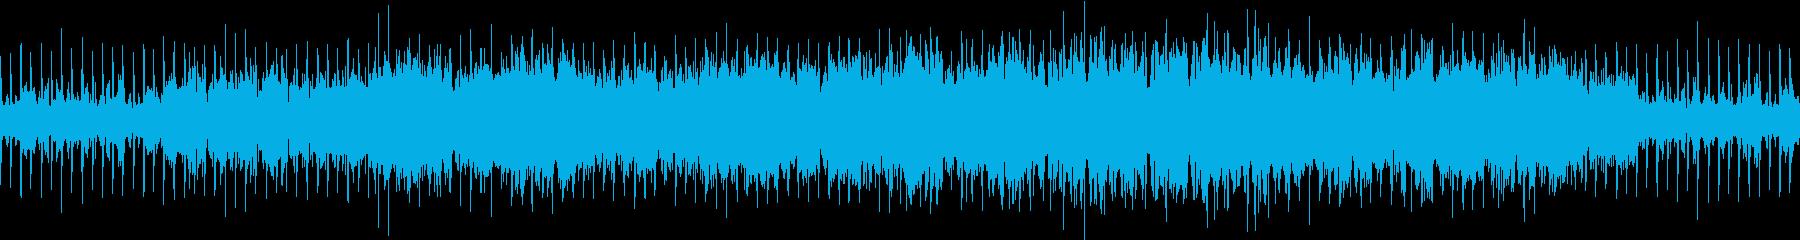 レトロ・パズルゲーム電子系ループBGMの再生済みの波形